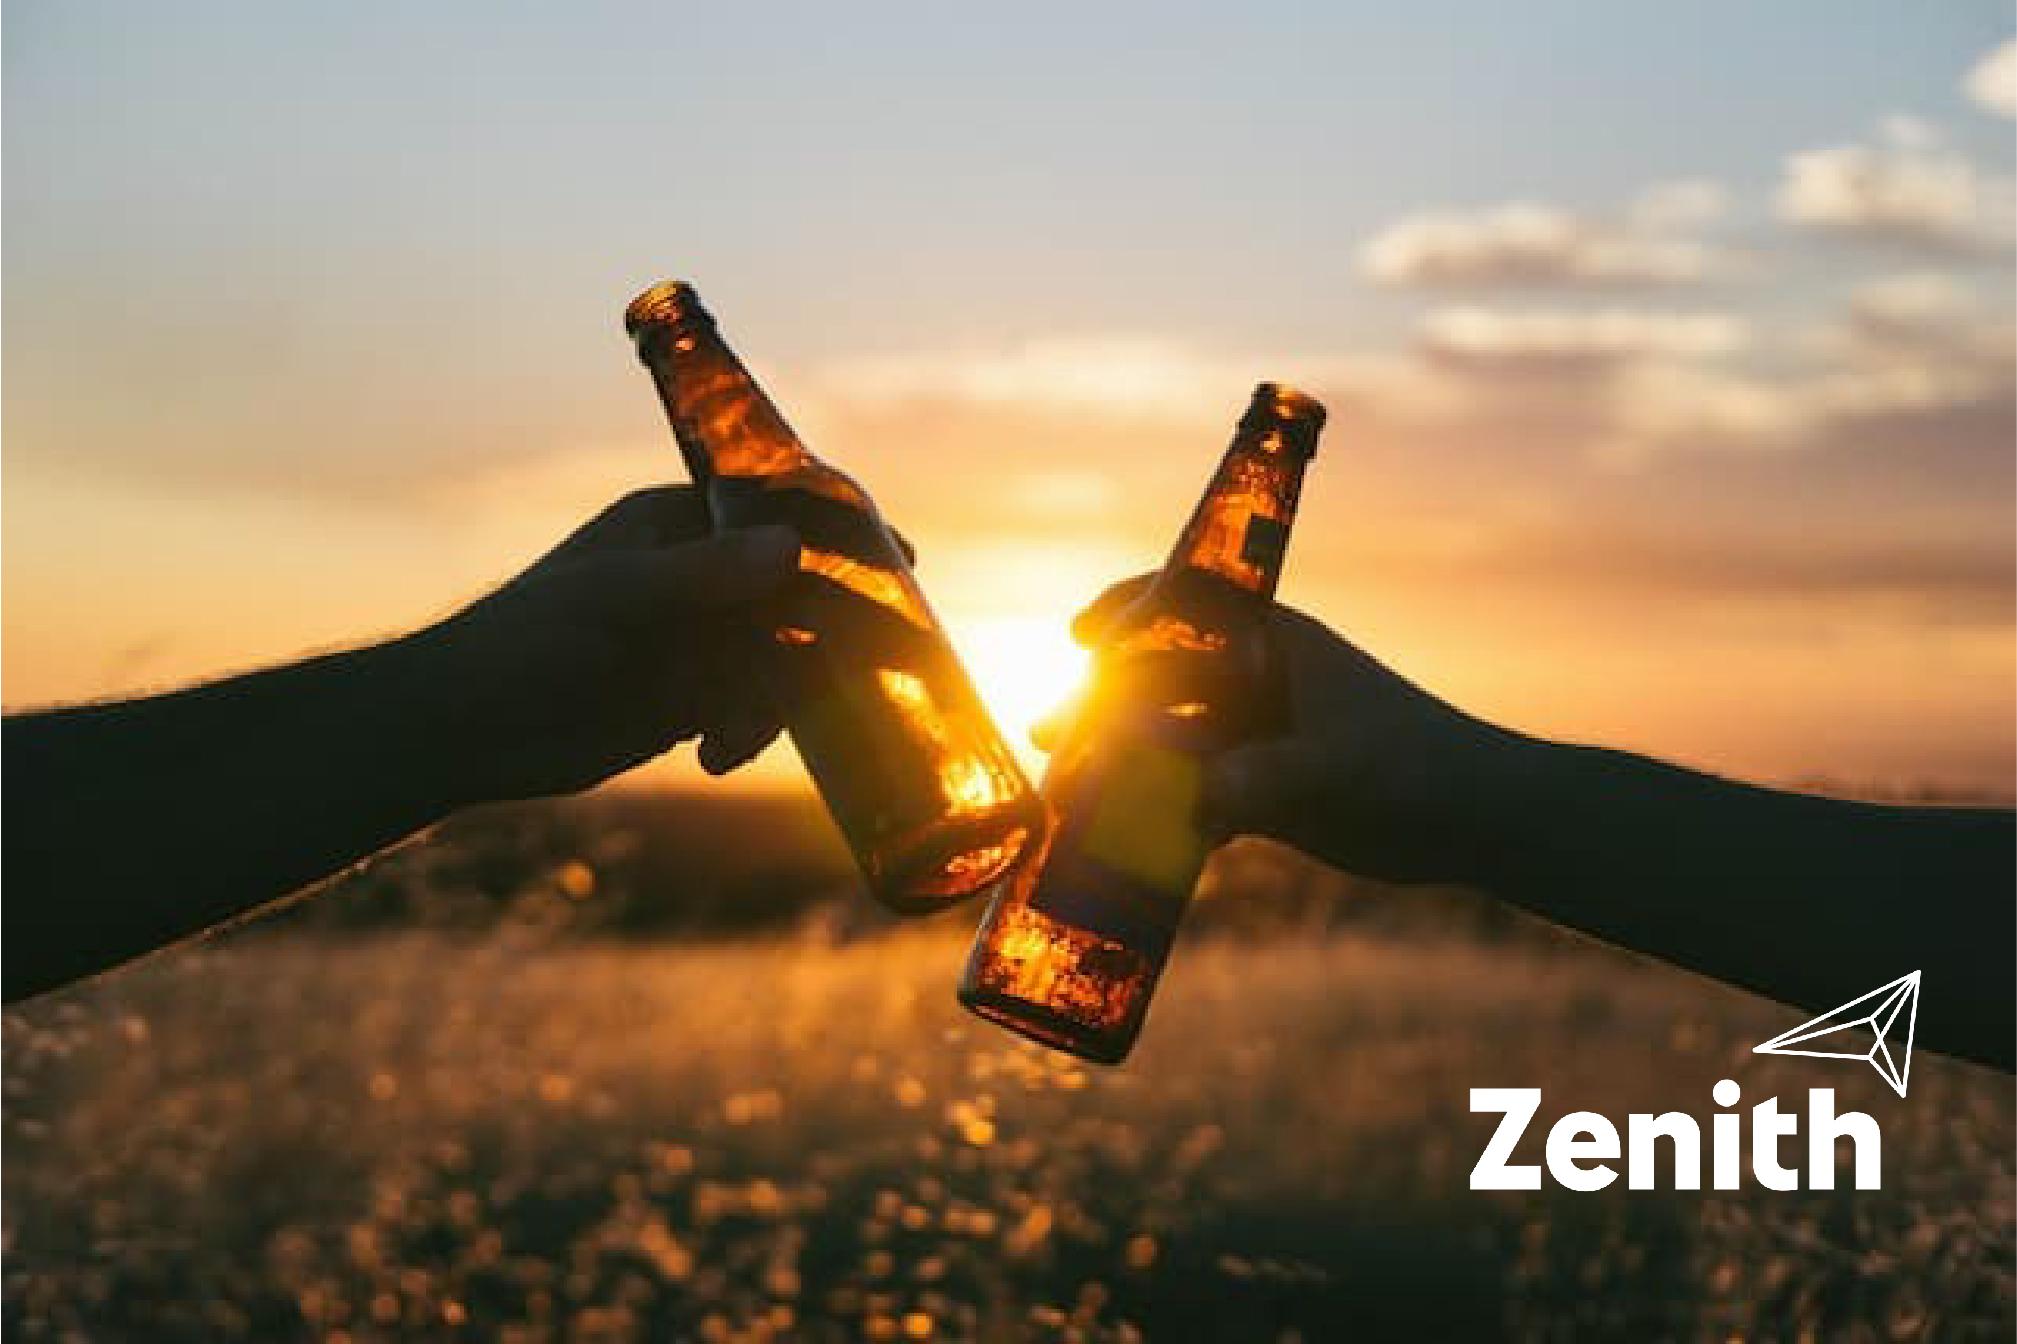 La inversión publicitaria en el sector de las bebidas alcohólicas ganará mercado con un crecimiento del 5,3% en 2021, gracias a la apertura de la hostelería